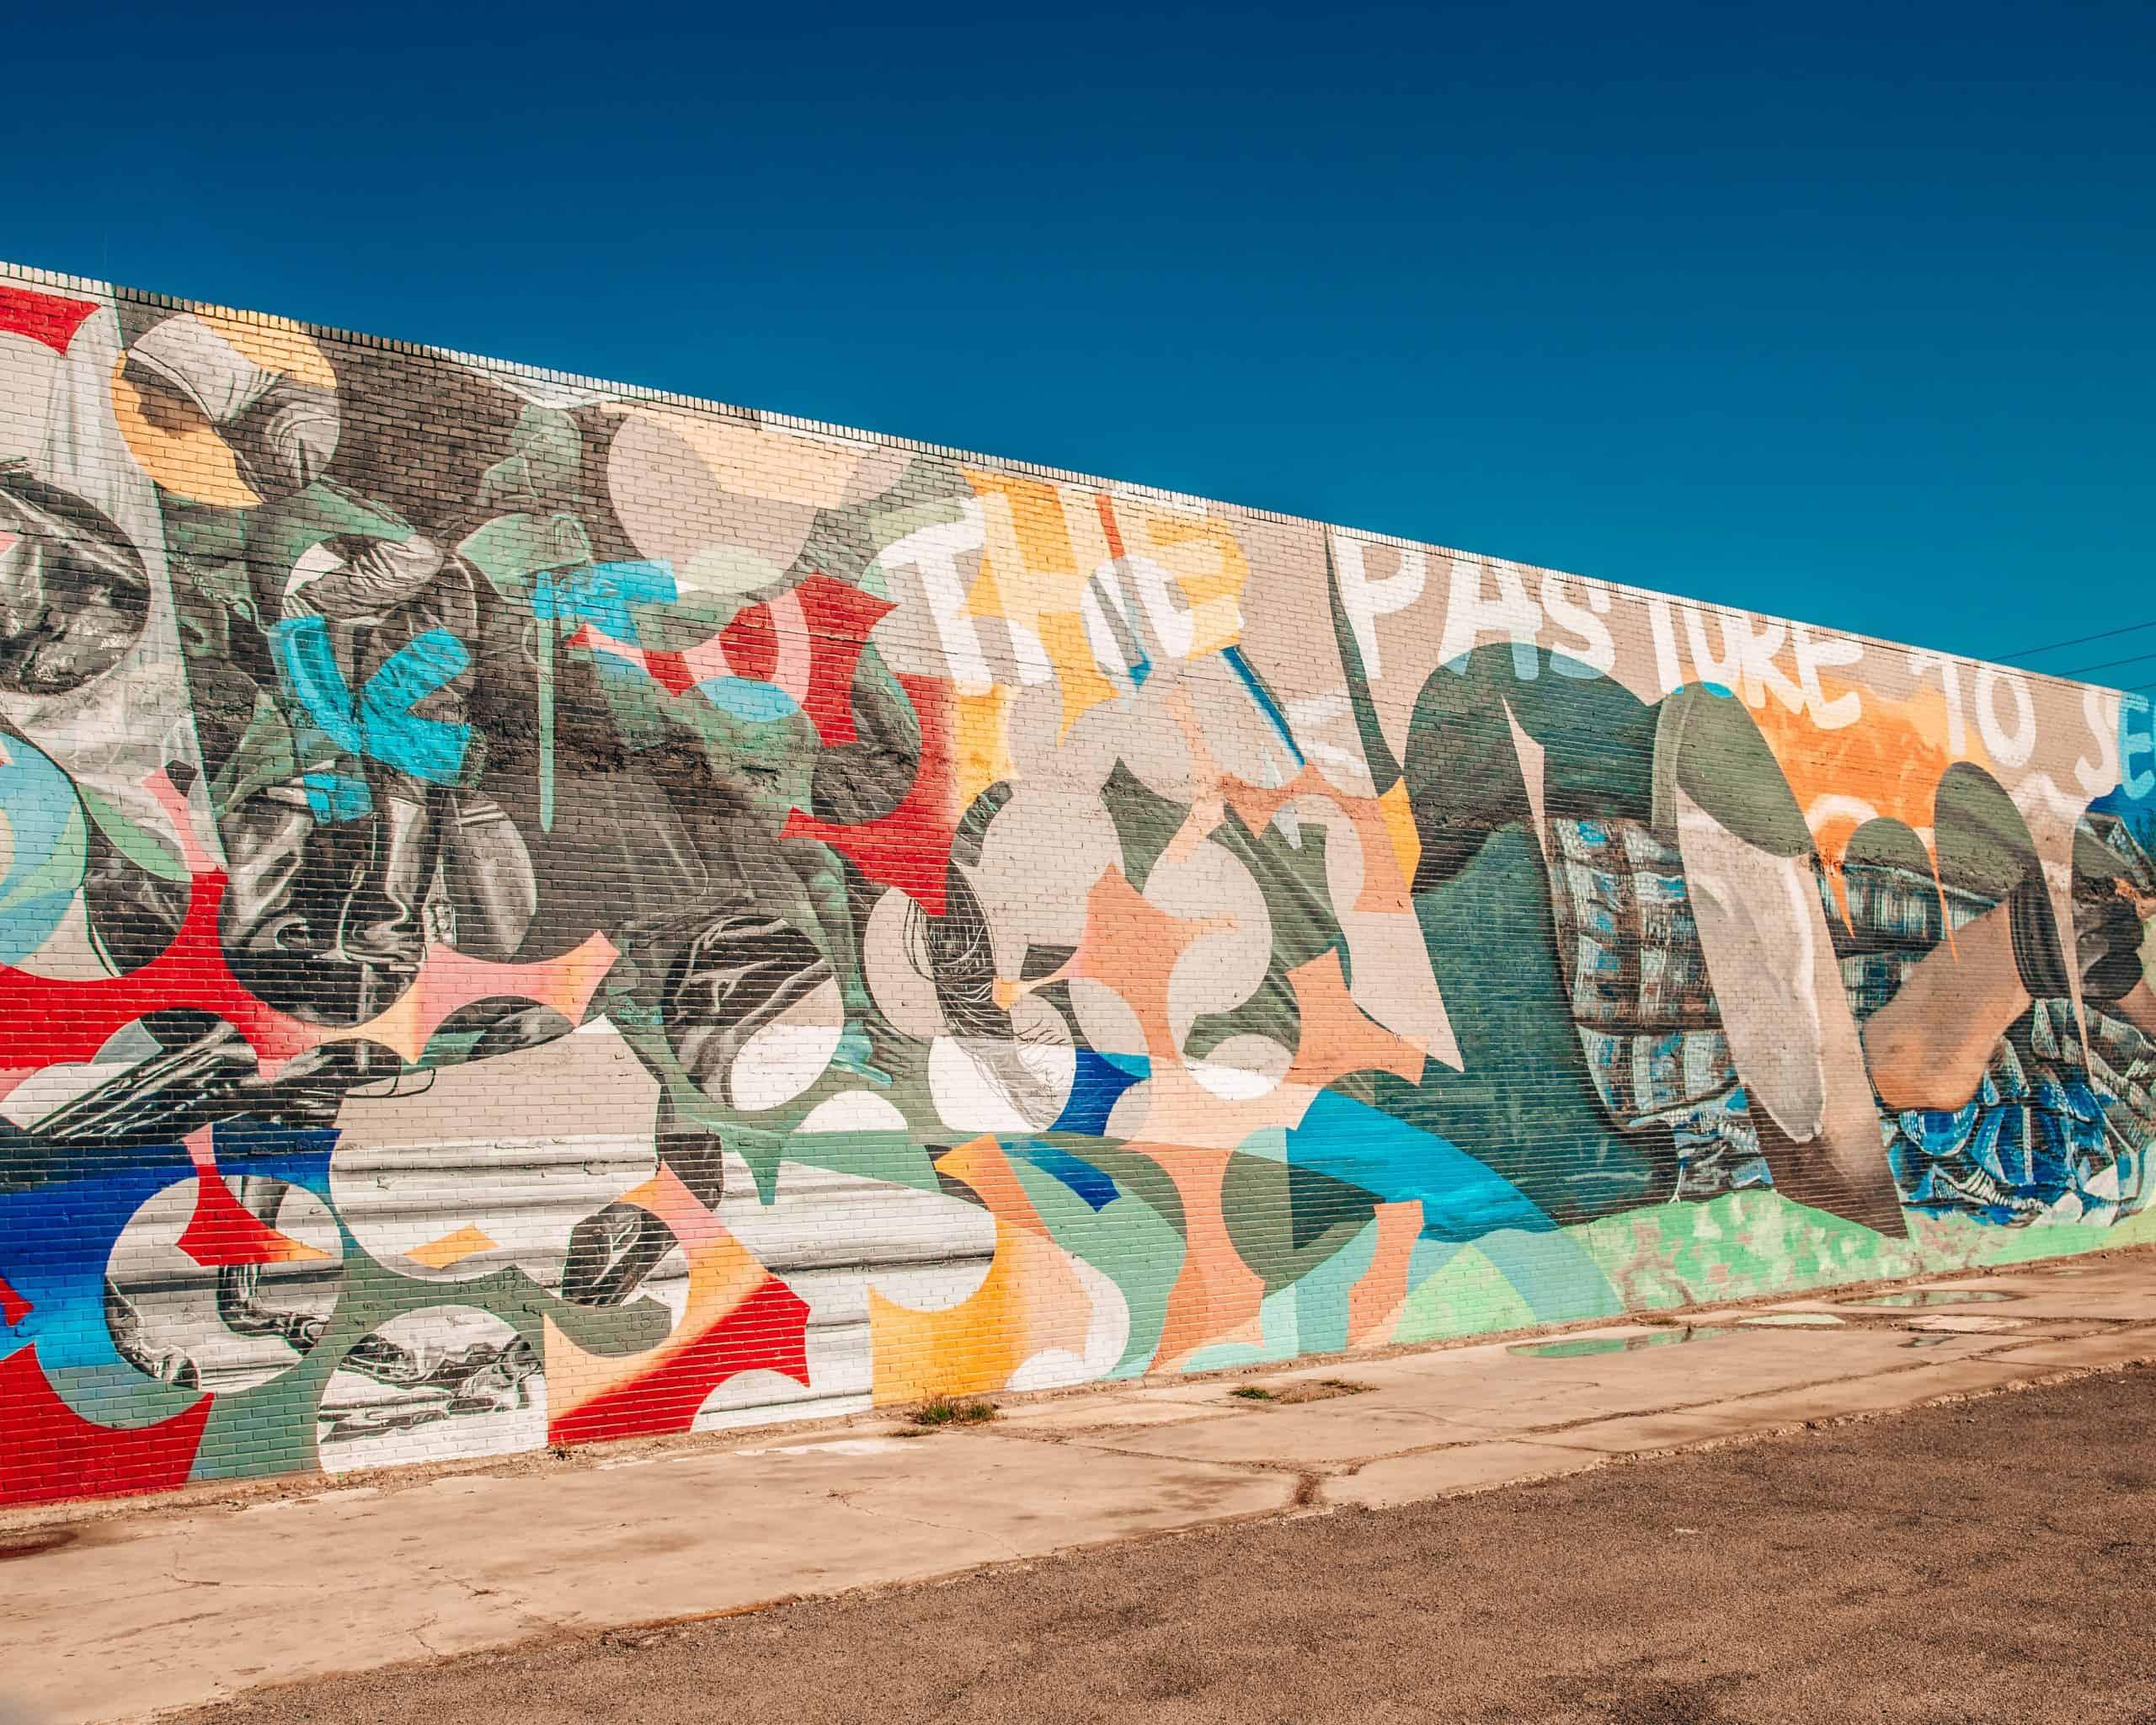 Mural in Reno